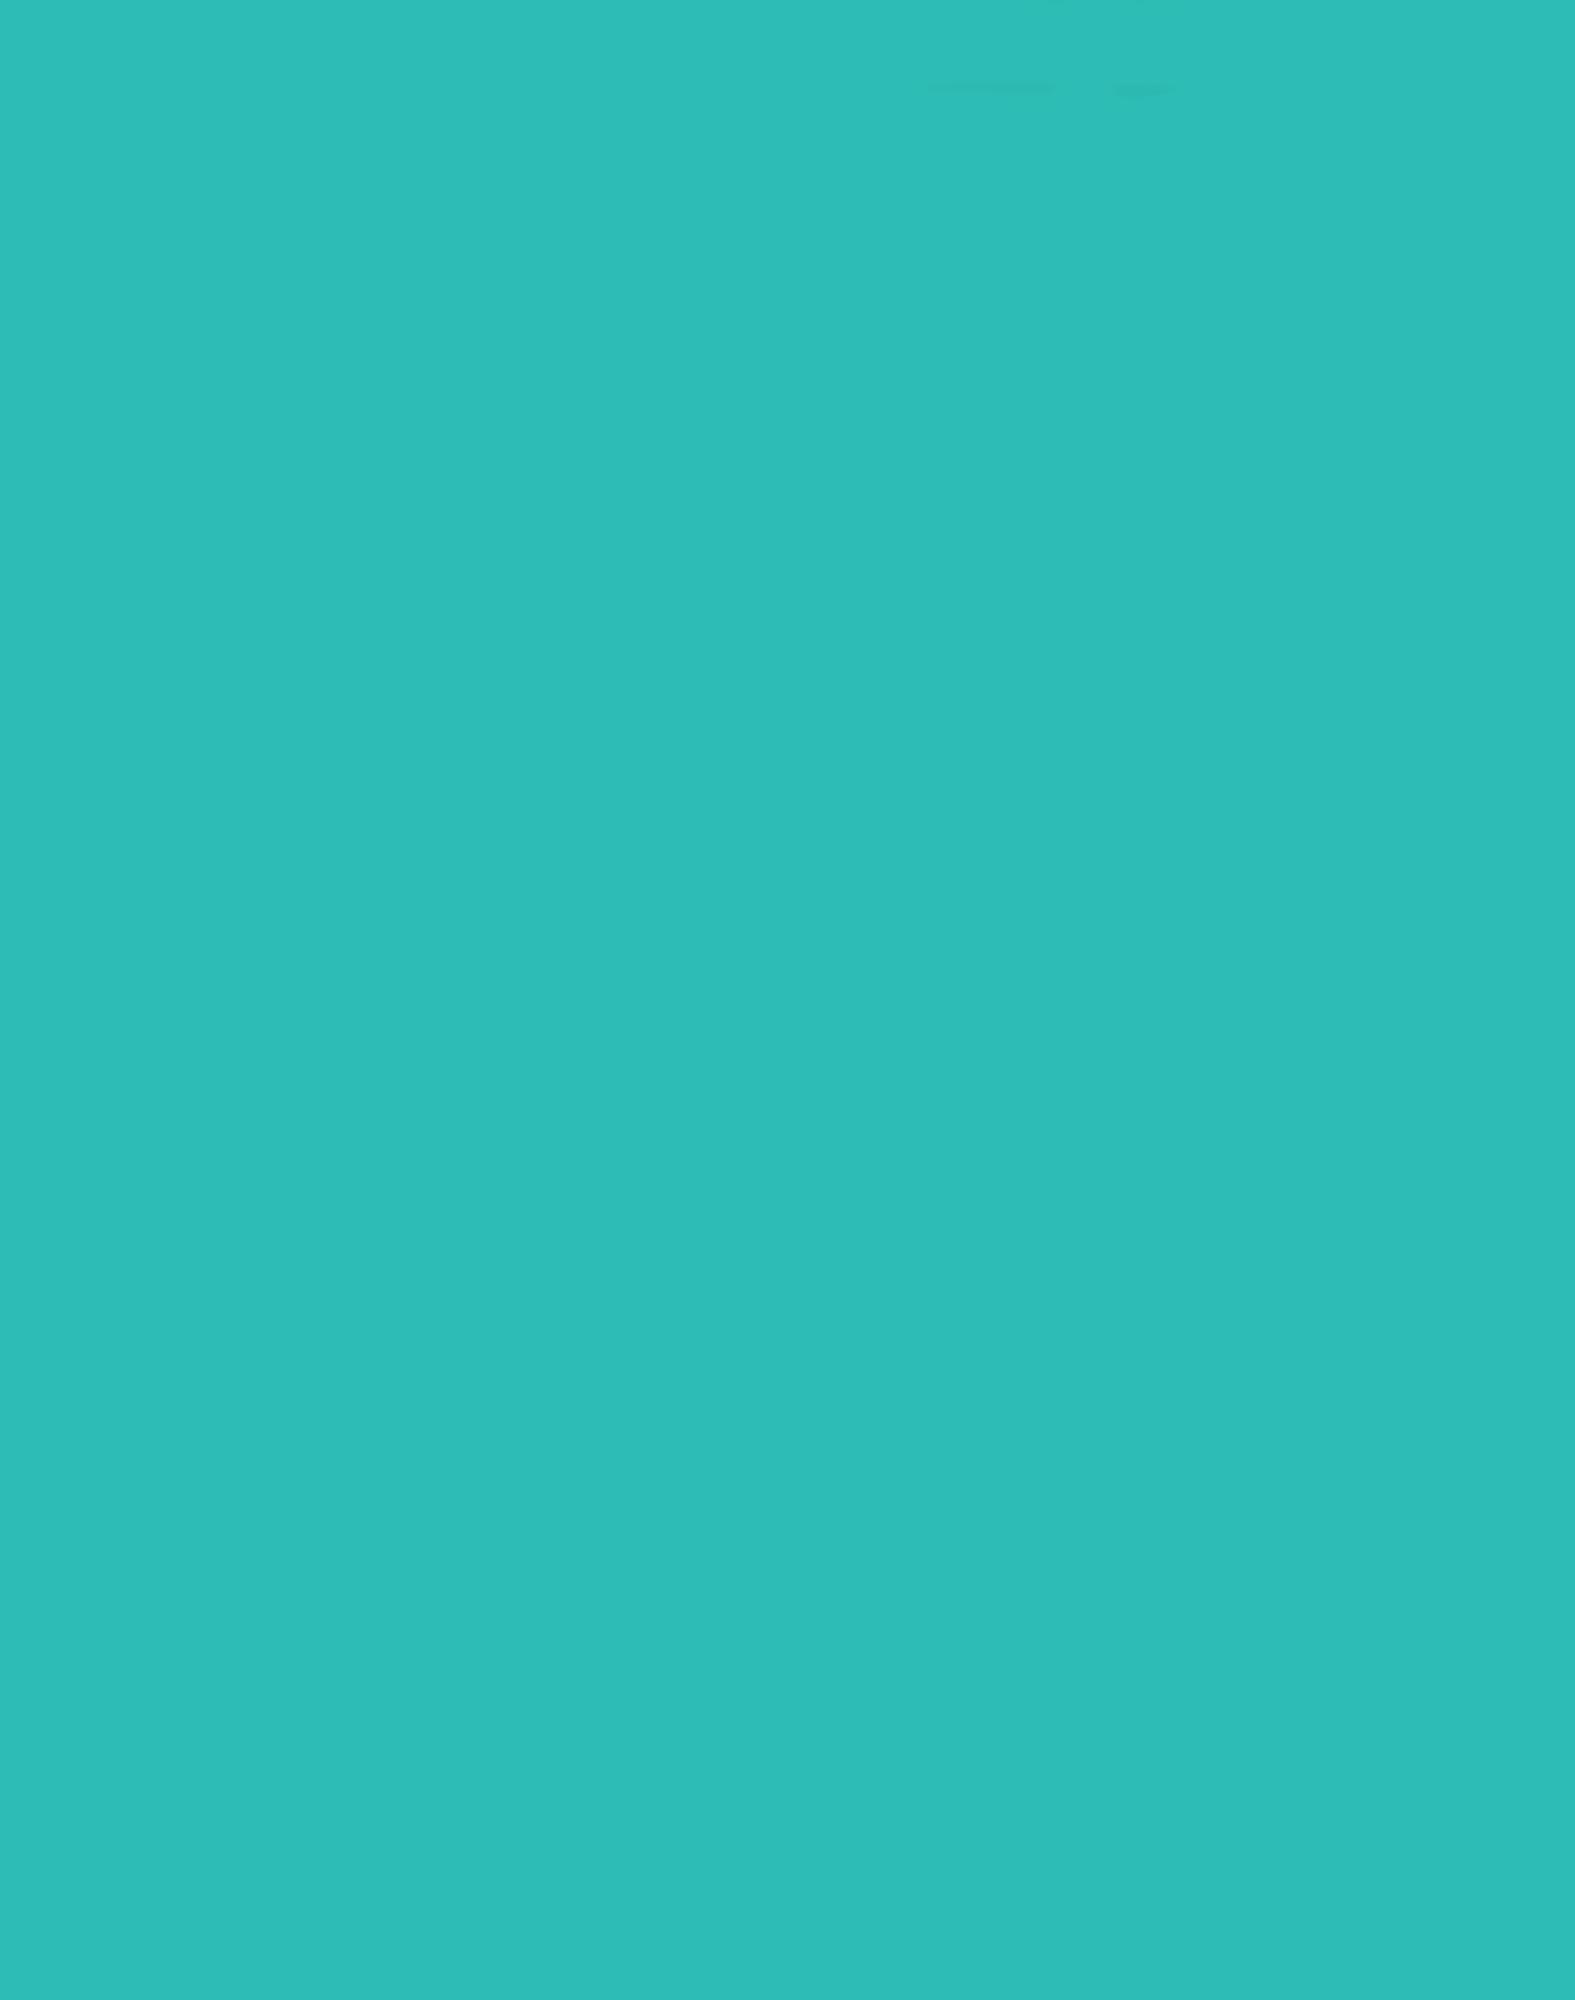 Aquamarine 46,189,182